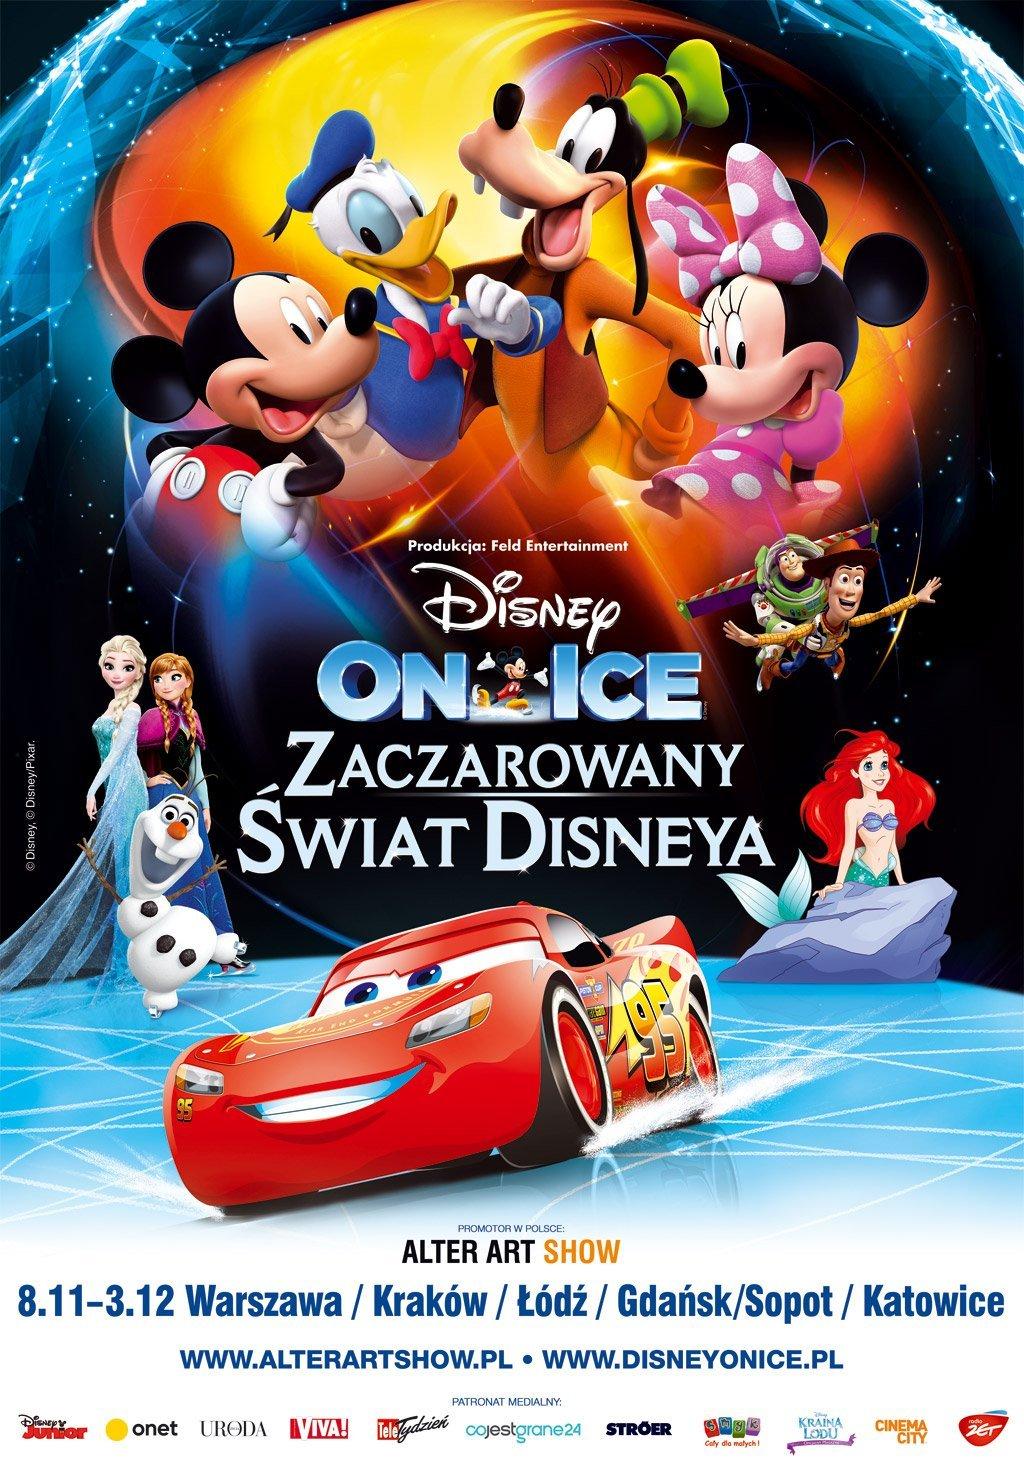 Disney On Ice Prezentuje Zaczarowany świat Disneya W Kilku Polskich